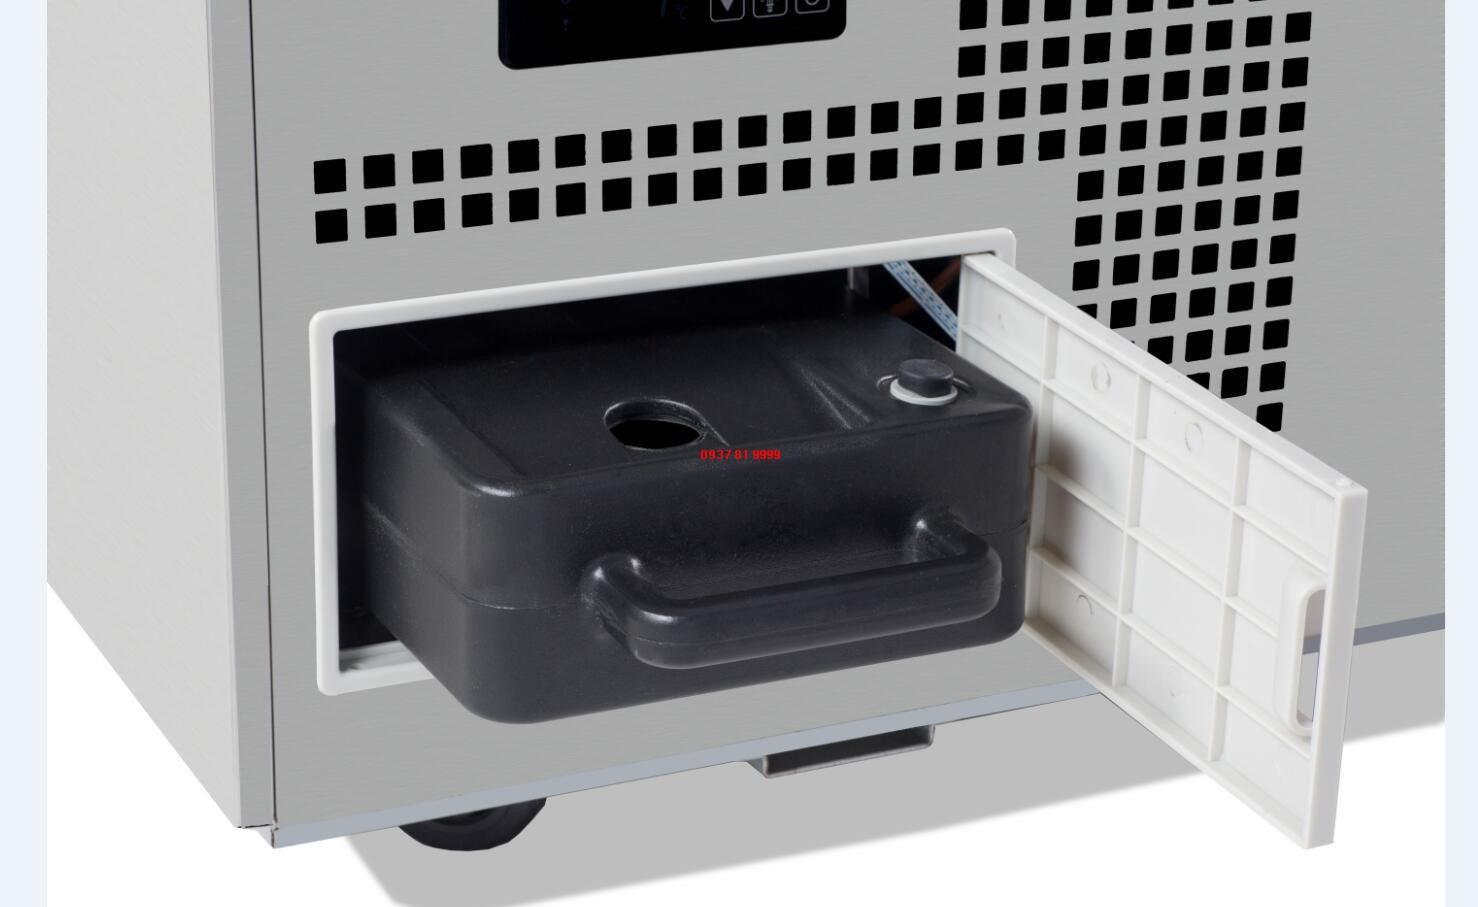 Tủ trưng bày bánh 1 tầng Turbo Air TBP1500-1 - ảnh 3